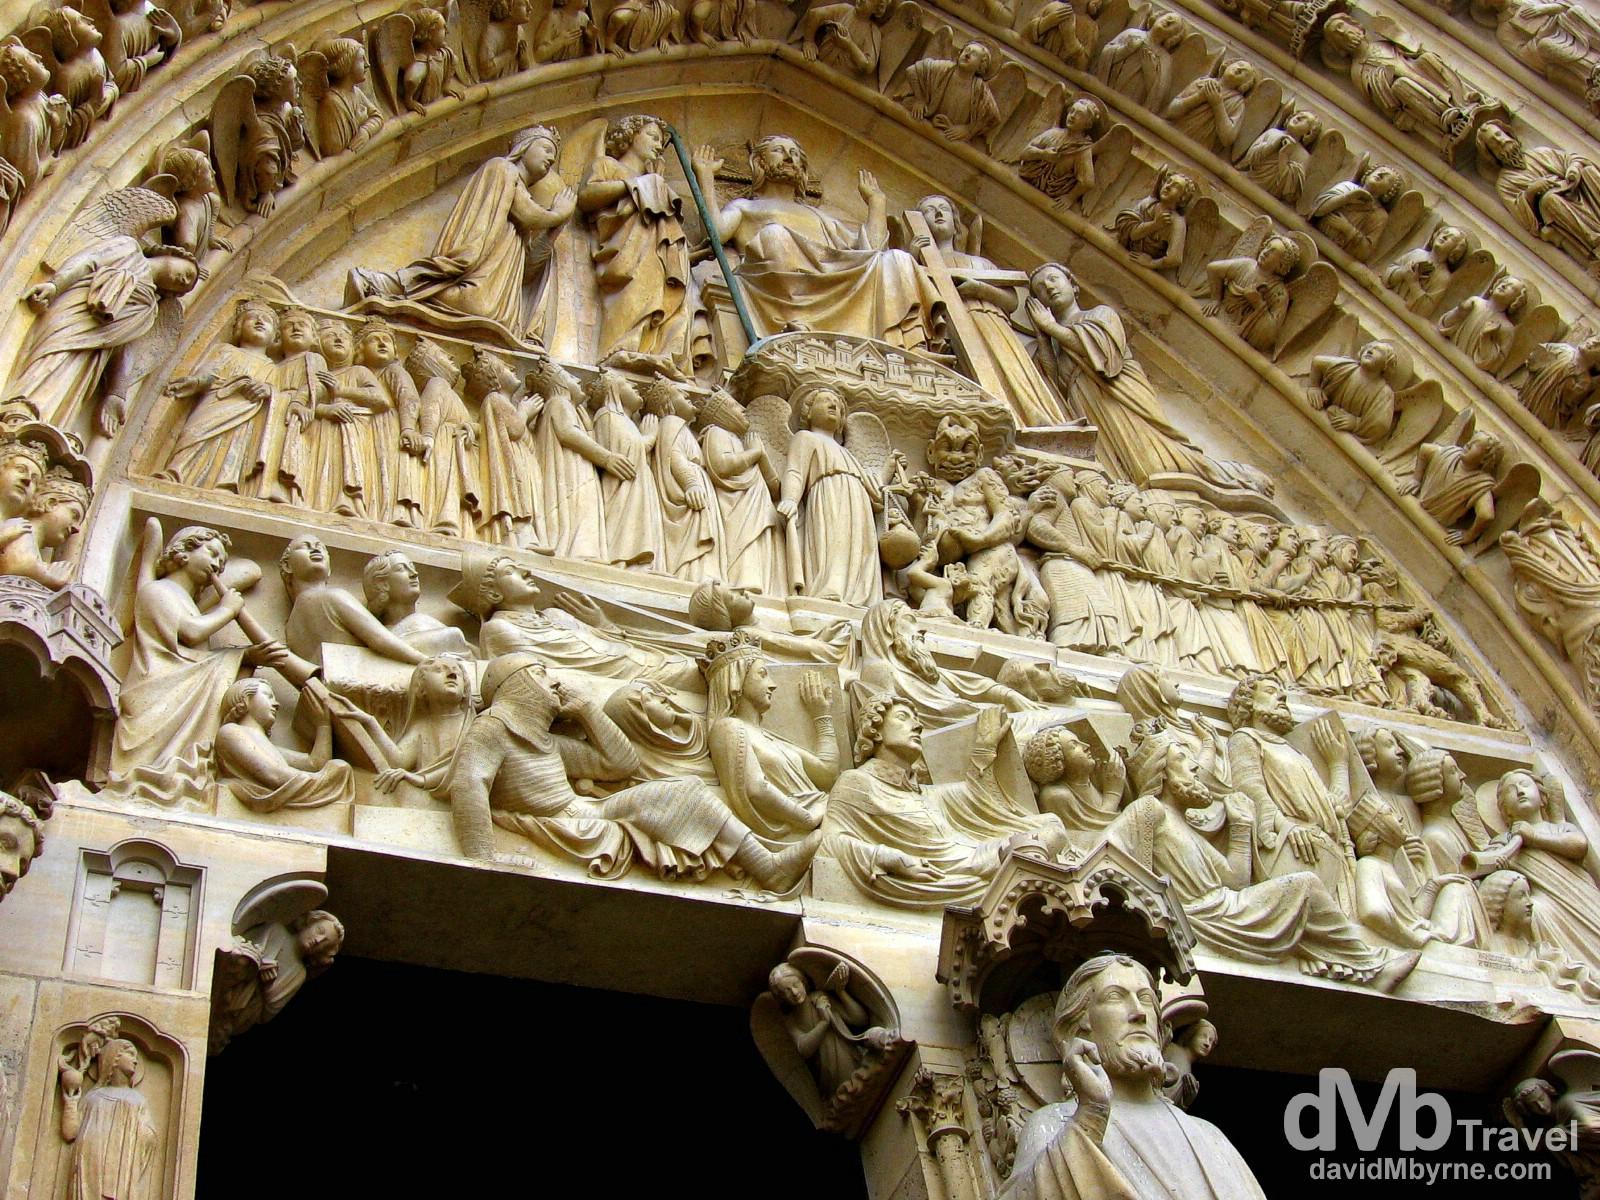 Detail of the extraordinary facade of Notre Dame Cathedral, Île de la Cité, Paris, France. August 18th, 2007.